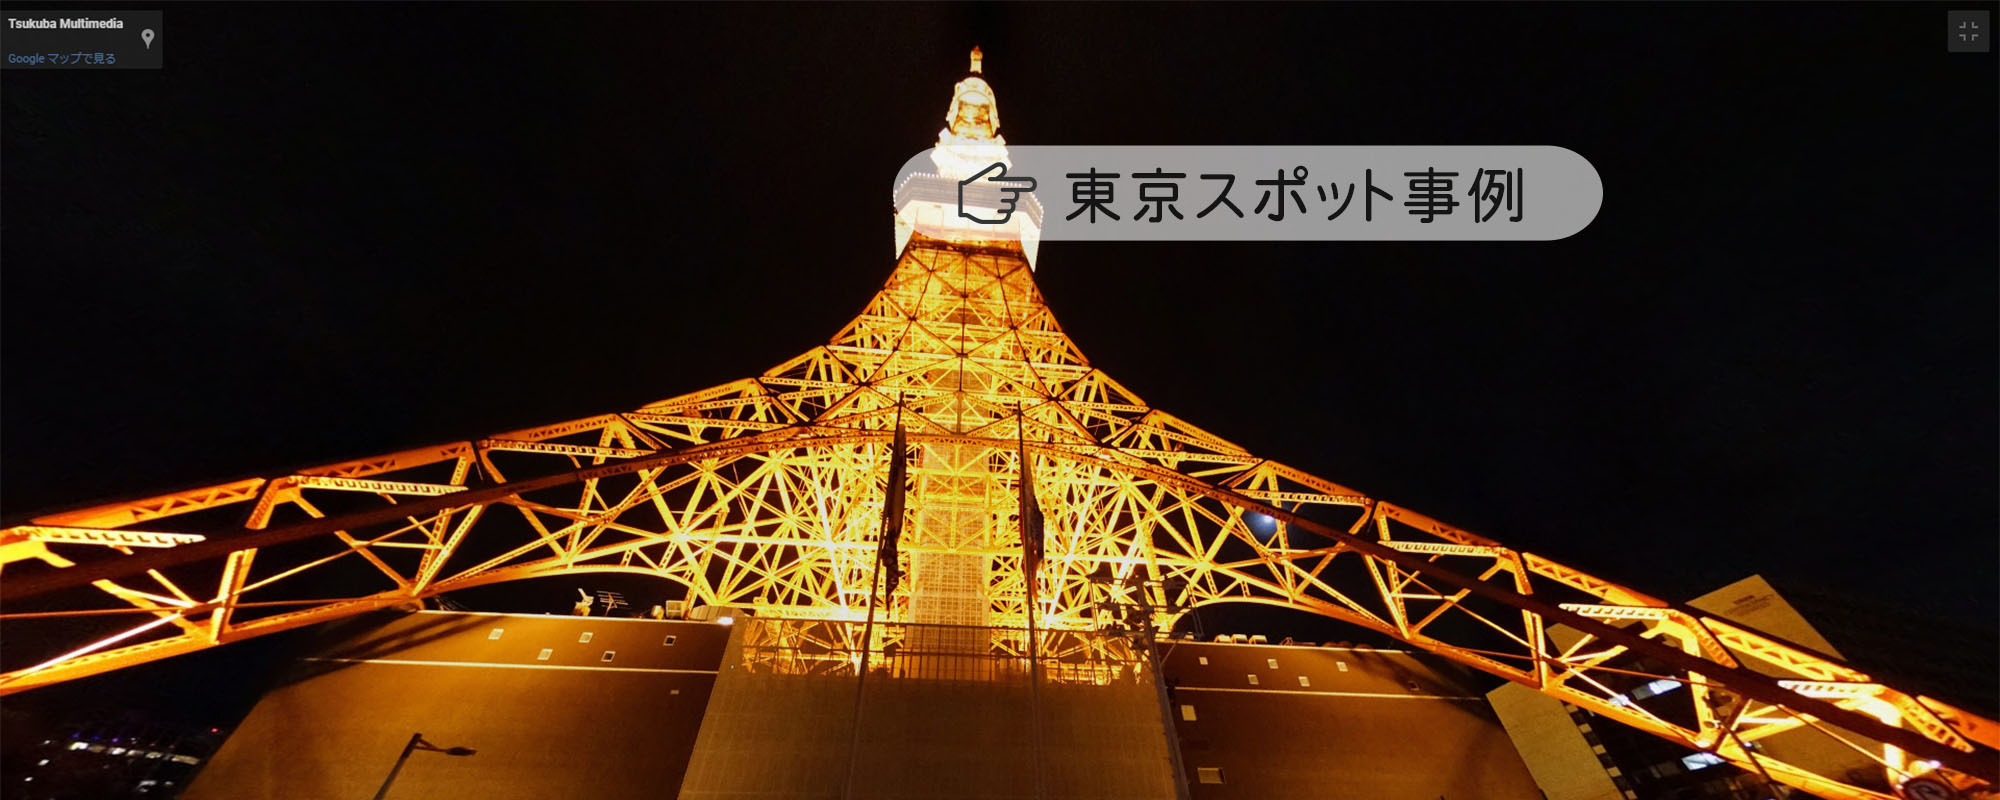 東京都の観光名所等Googleストリートビュー撮影・登録事例